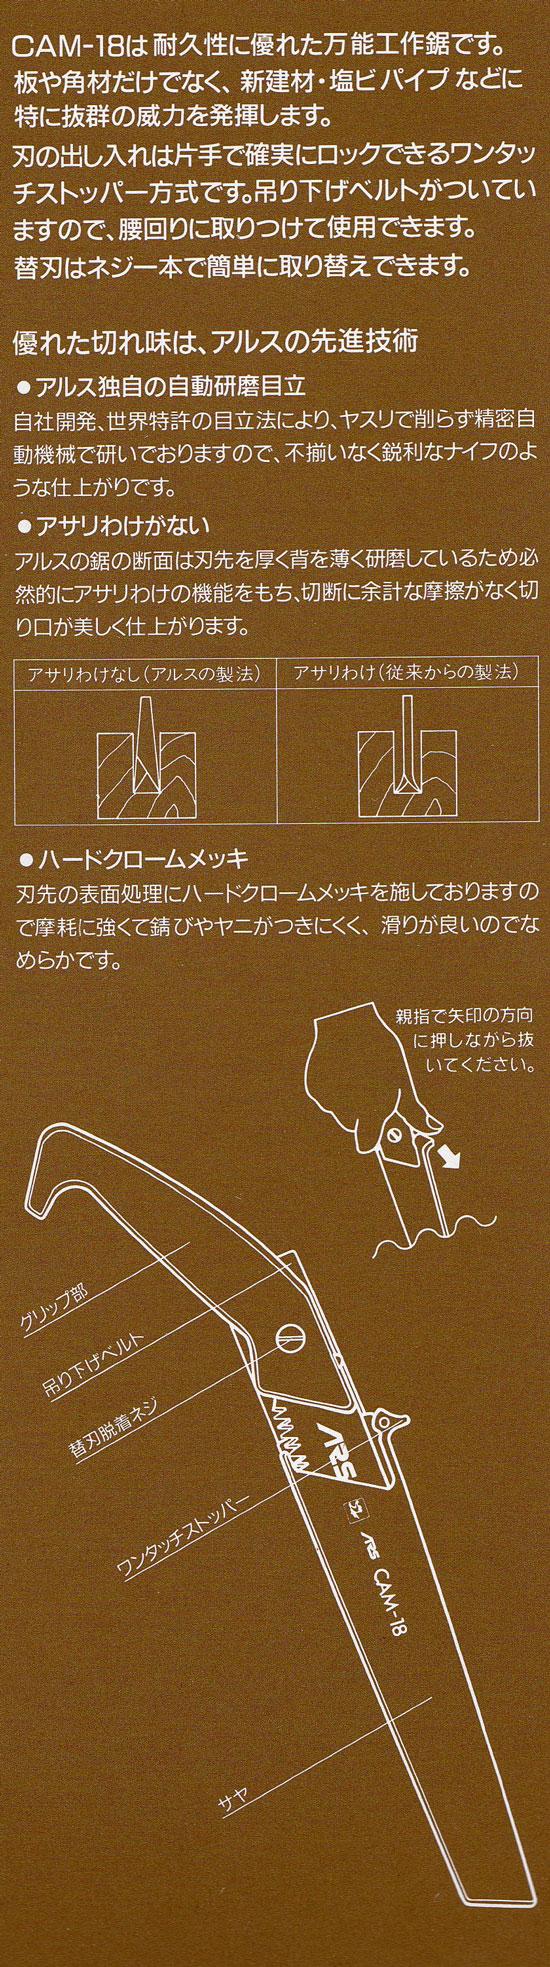 アルス ARS ピストル型工作鋸